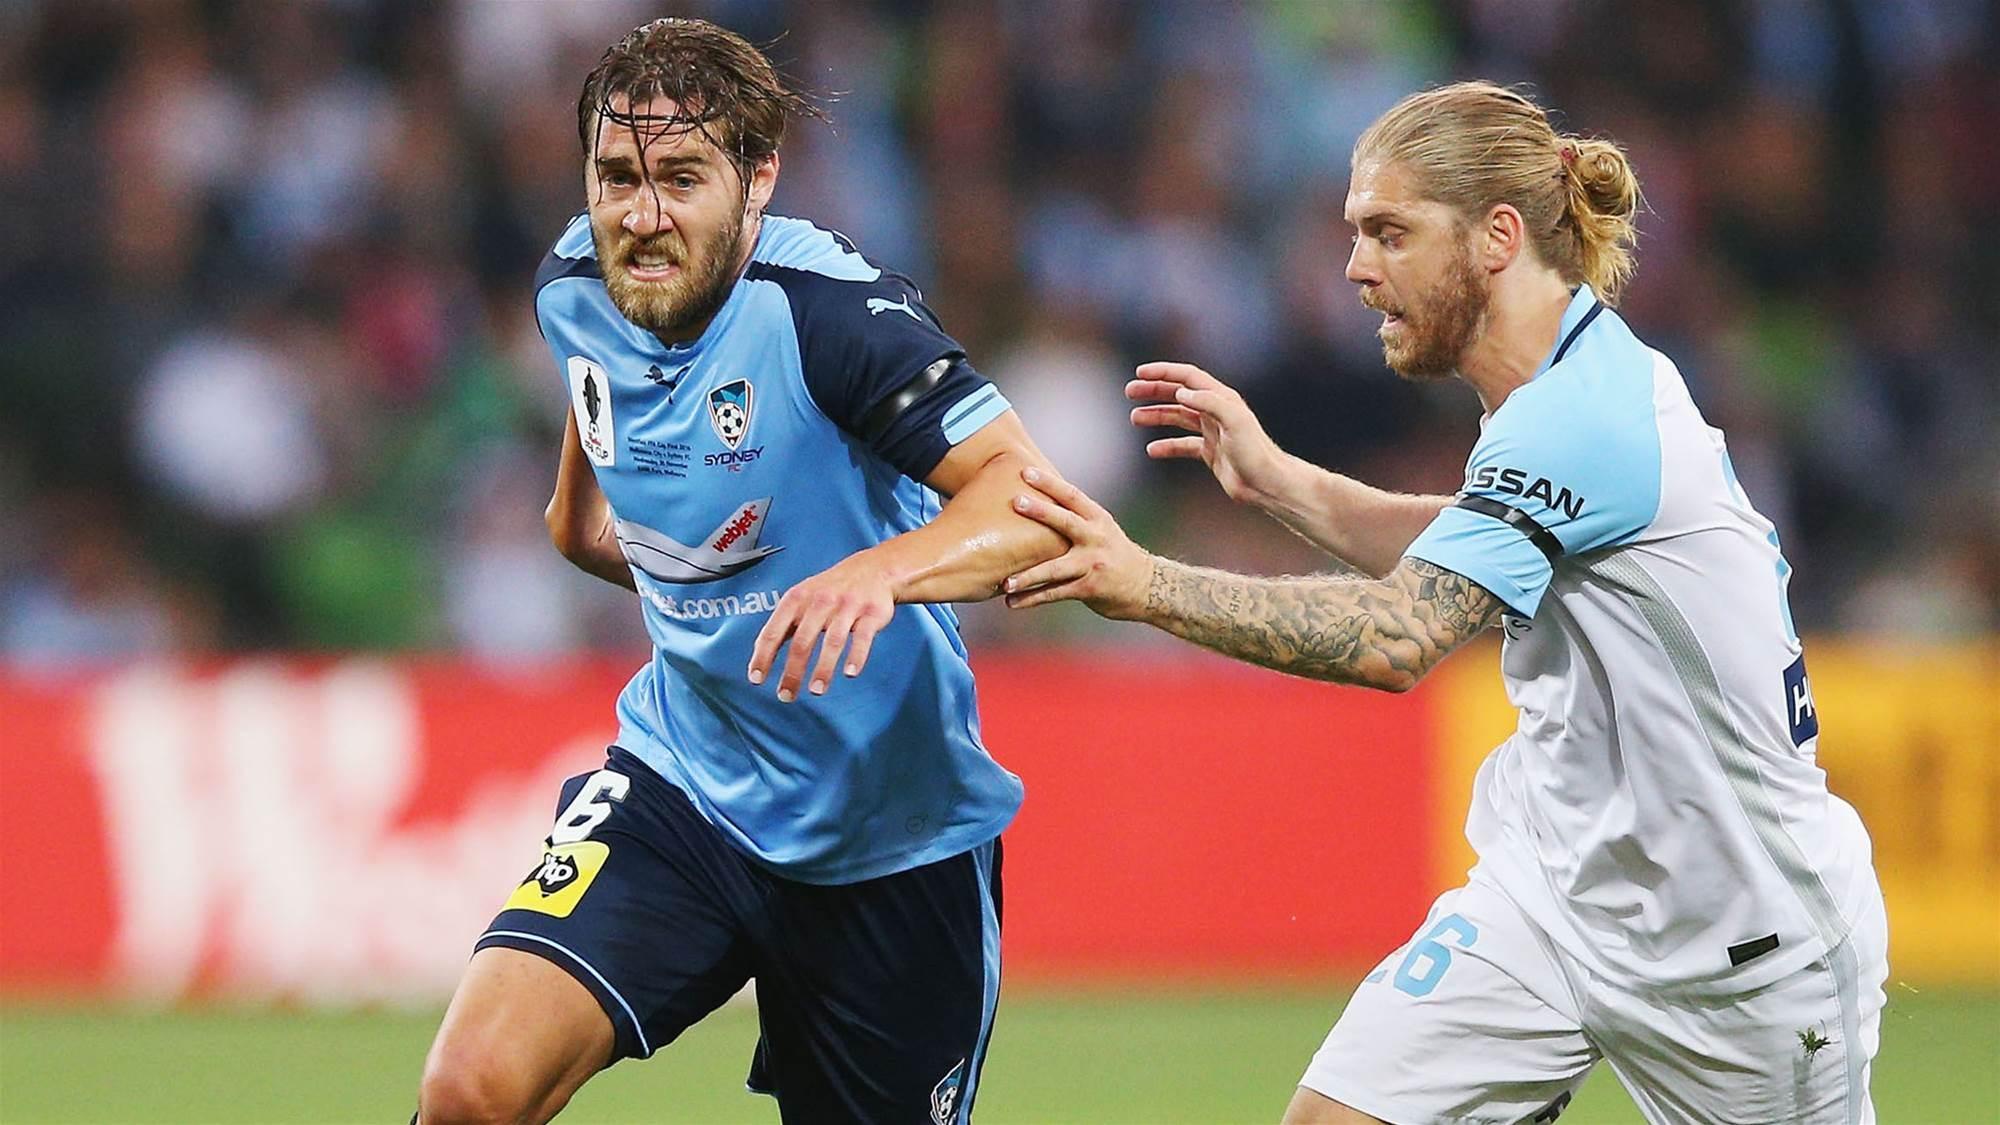 Brillante: Sydney more aggressive than City